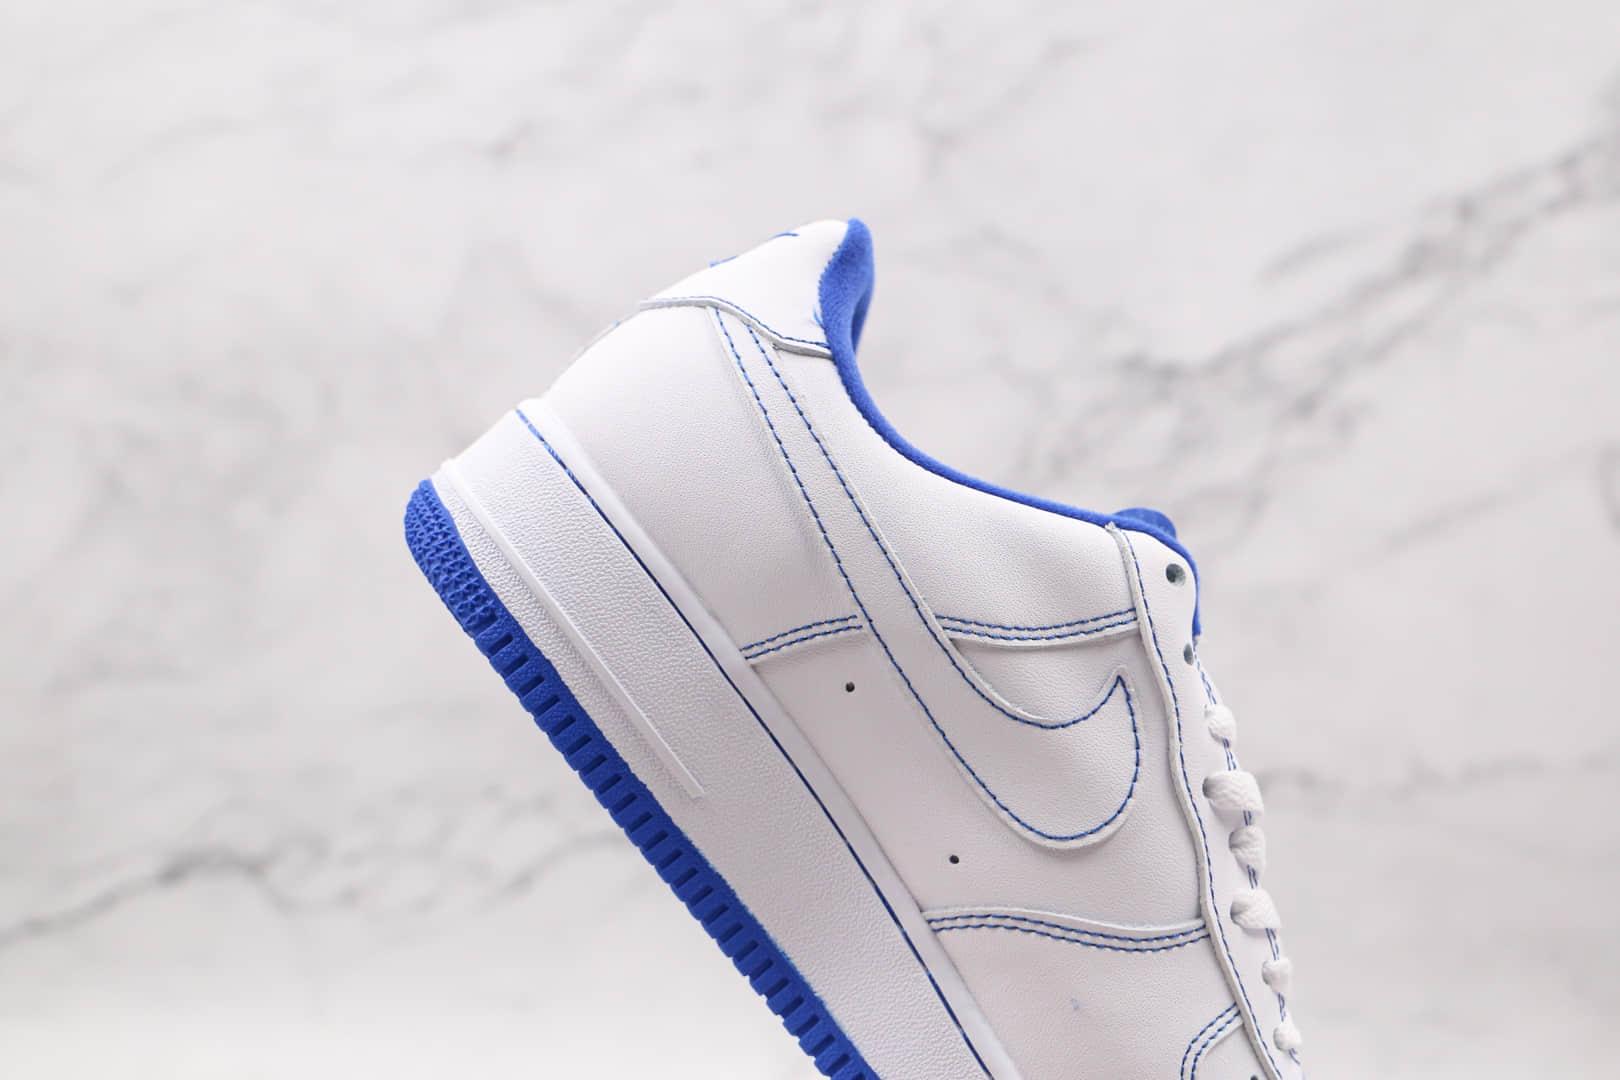 耐克Nike Air Force 1 07 White Black纯原版本低帮空军一号白蓝缝线板鞋内置全掌Sole气垫 货号:CV1752-101